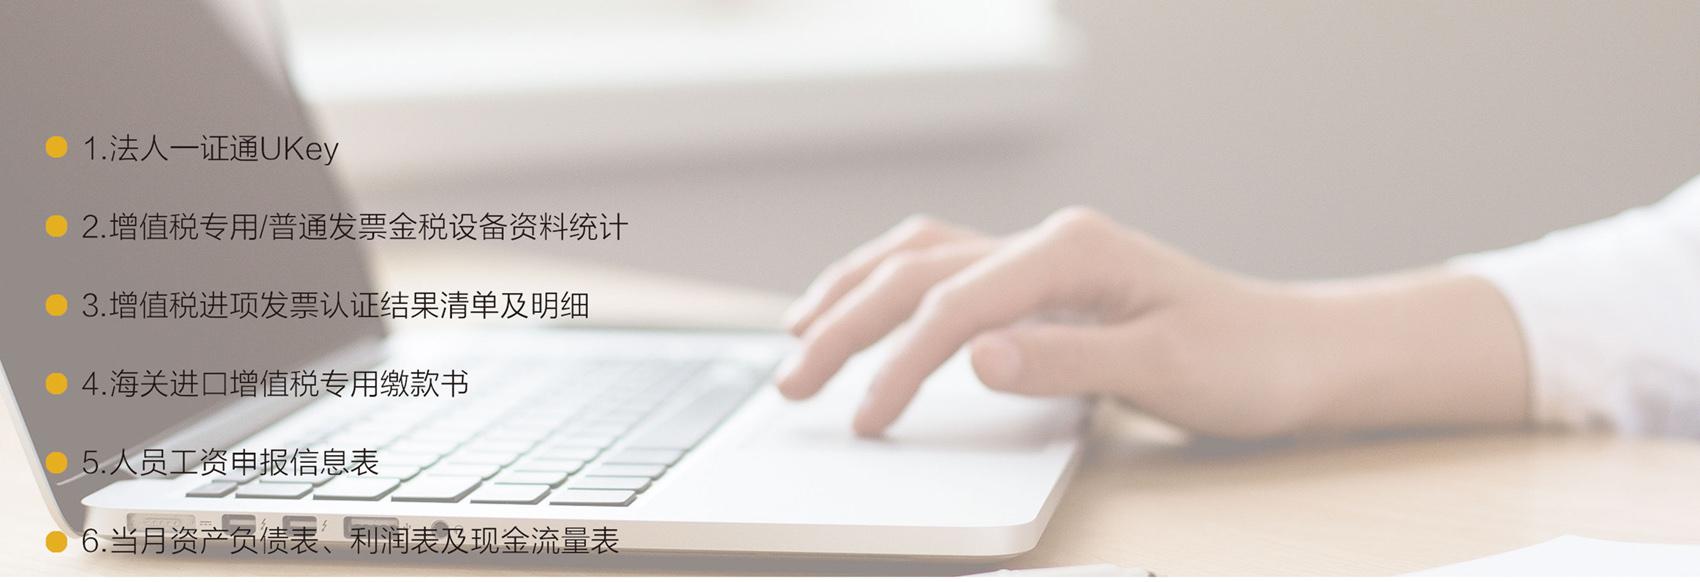 纳税申报_10.jpg